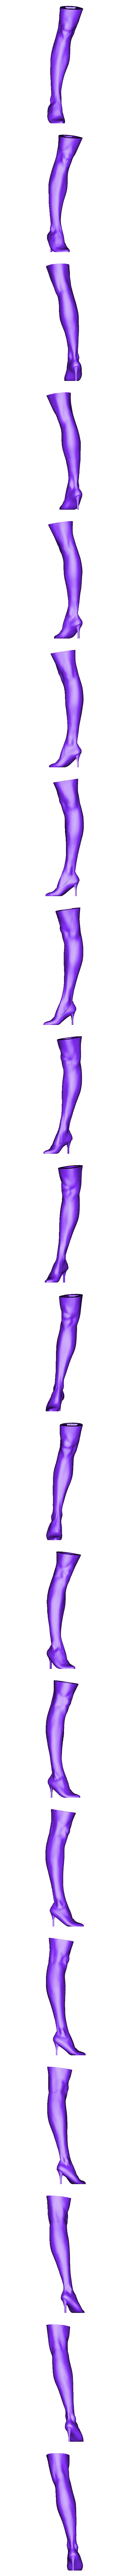 Little Caprice 2 - Right Leg.stl Télécharger fichier STL Little Caprice Pose 2 • Objet imprimable en 3D, BODY3D